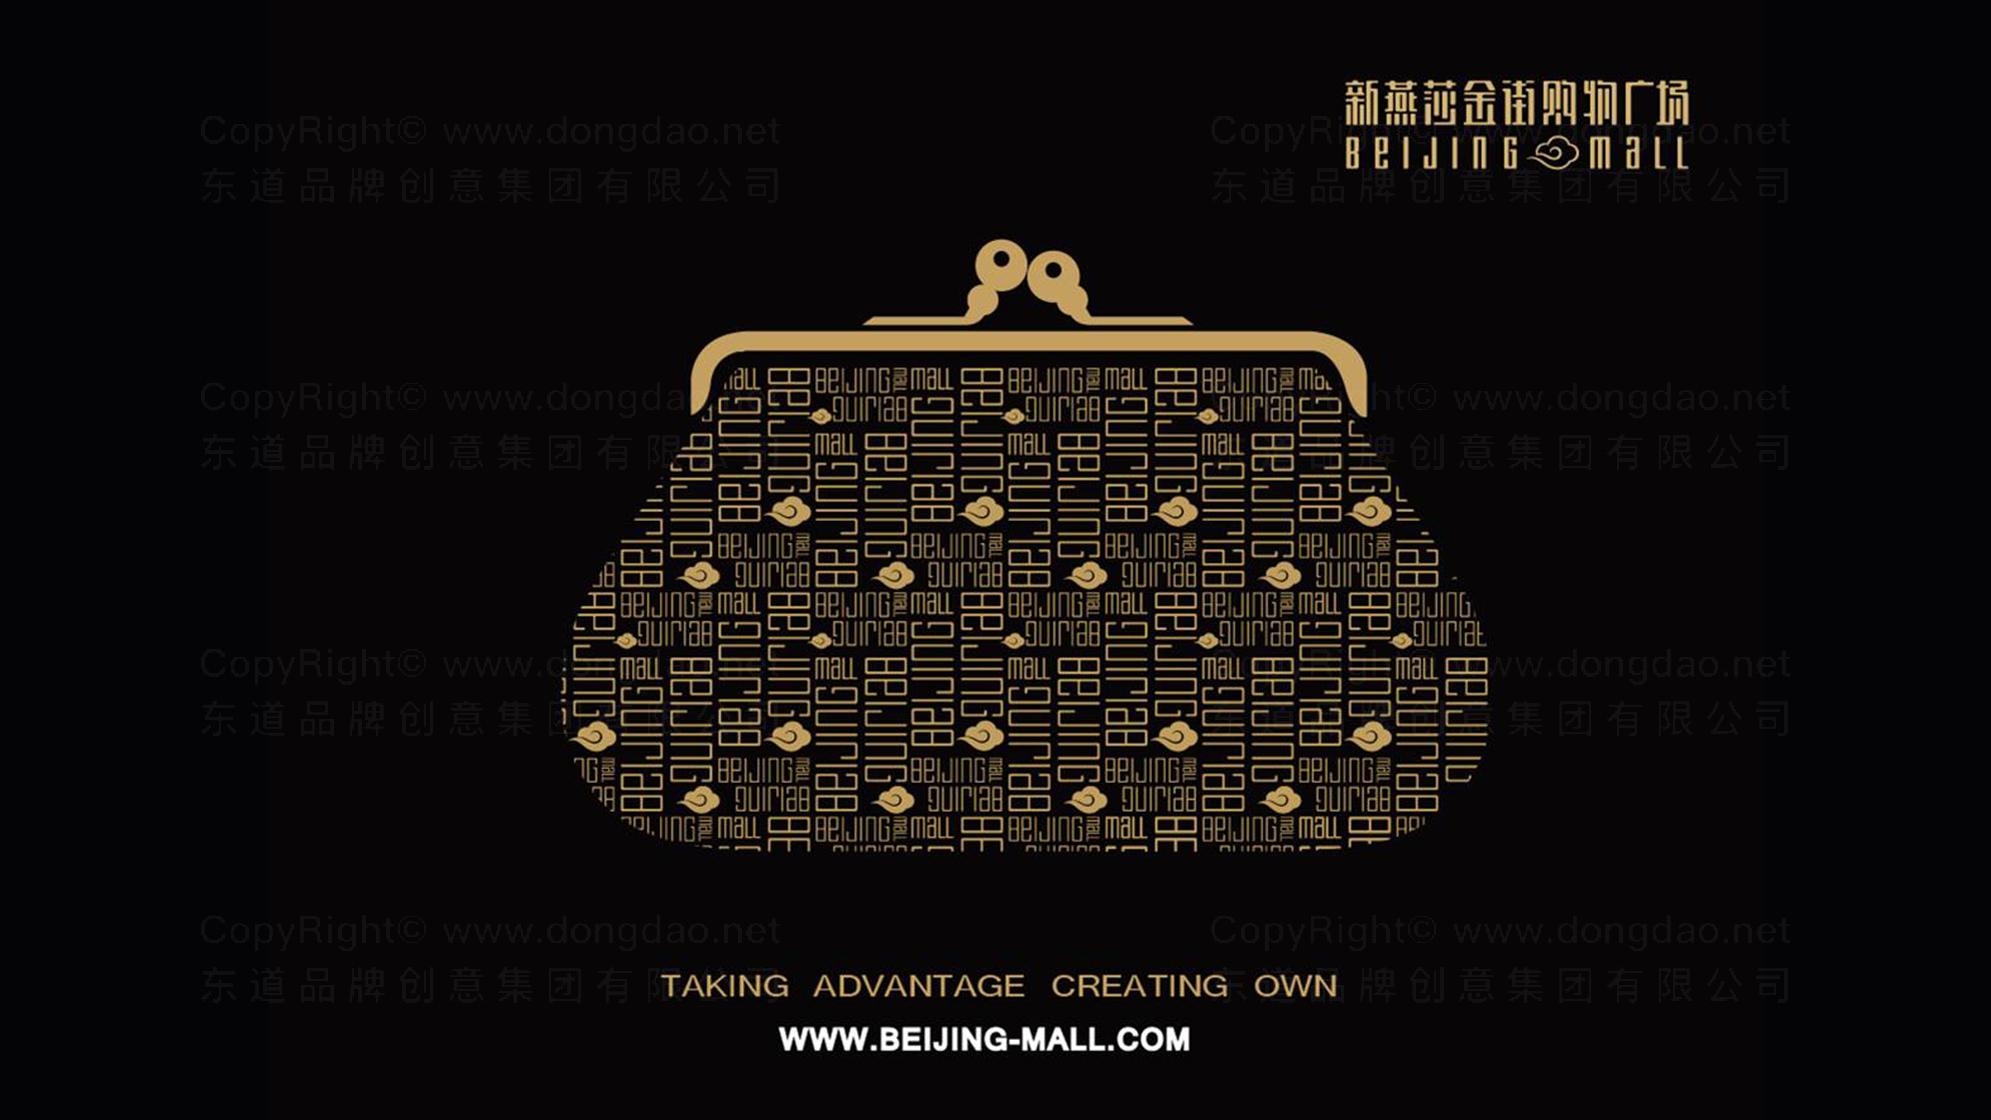 品牌设计新燕莎金街购物广场品牌设计应用场景_1